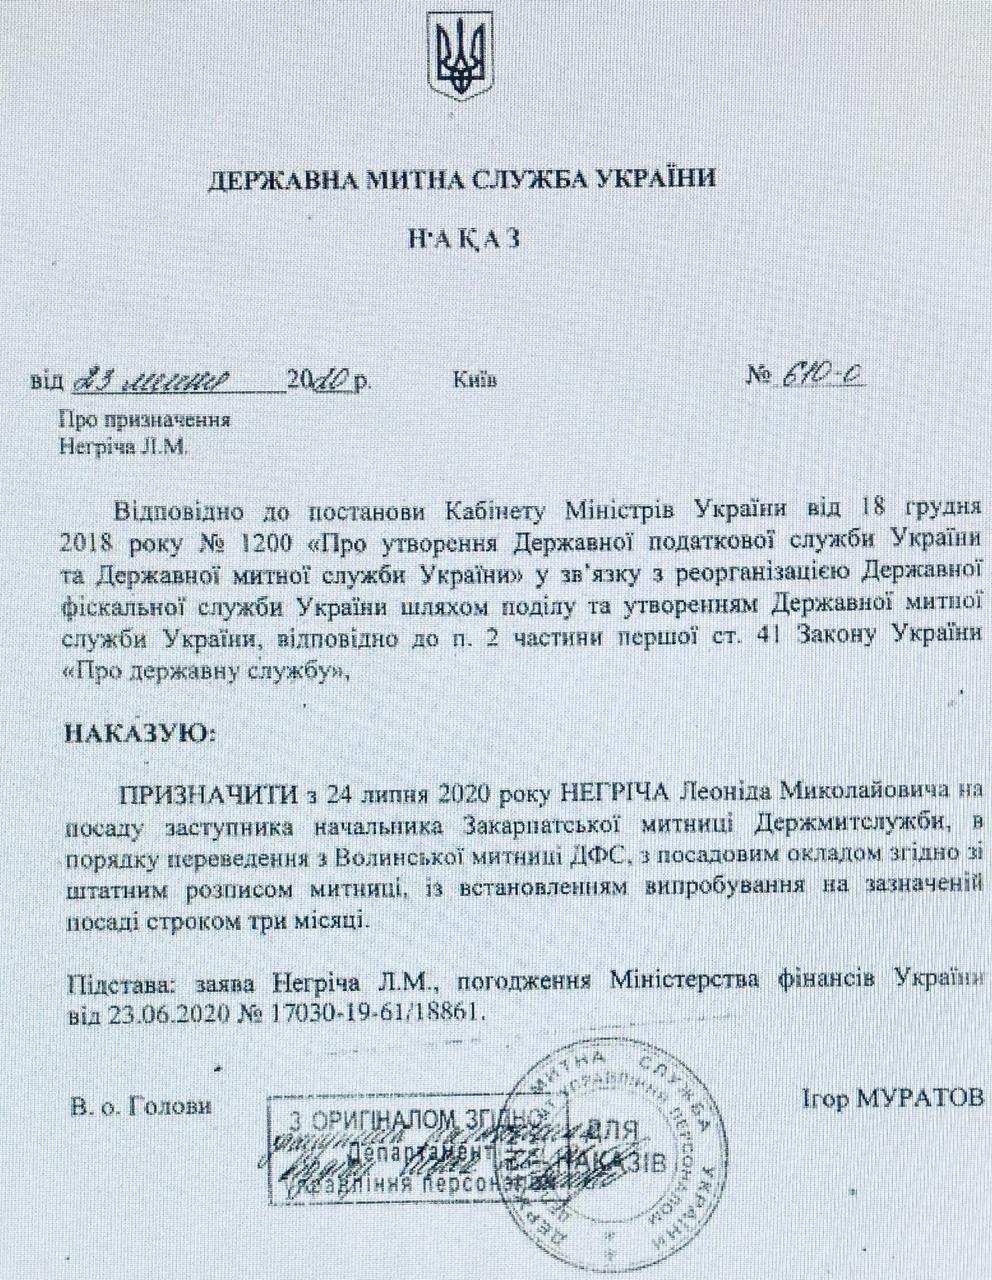 Закарпатська митниця отримала нового заступника очільника - ЗМІ, фото-1